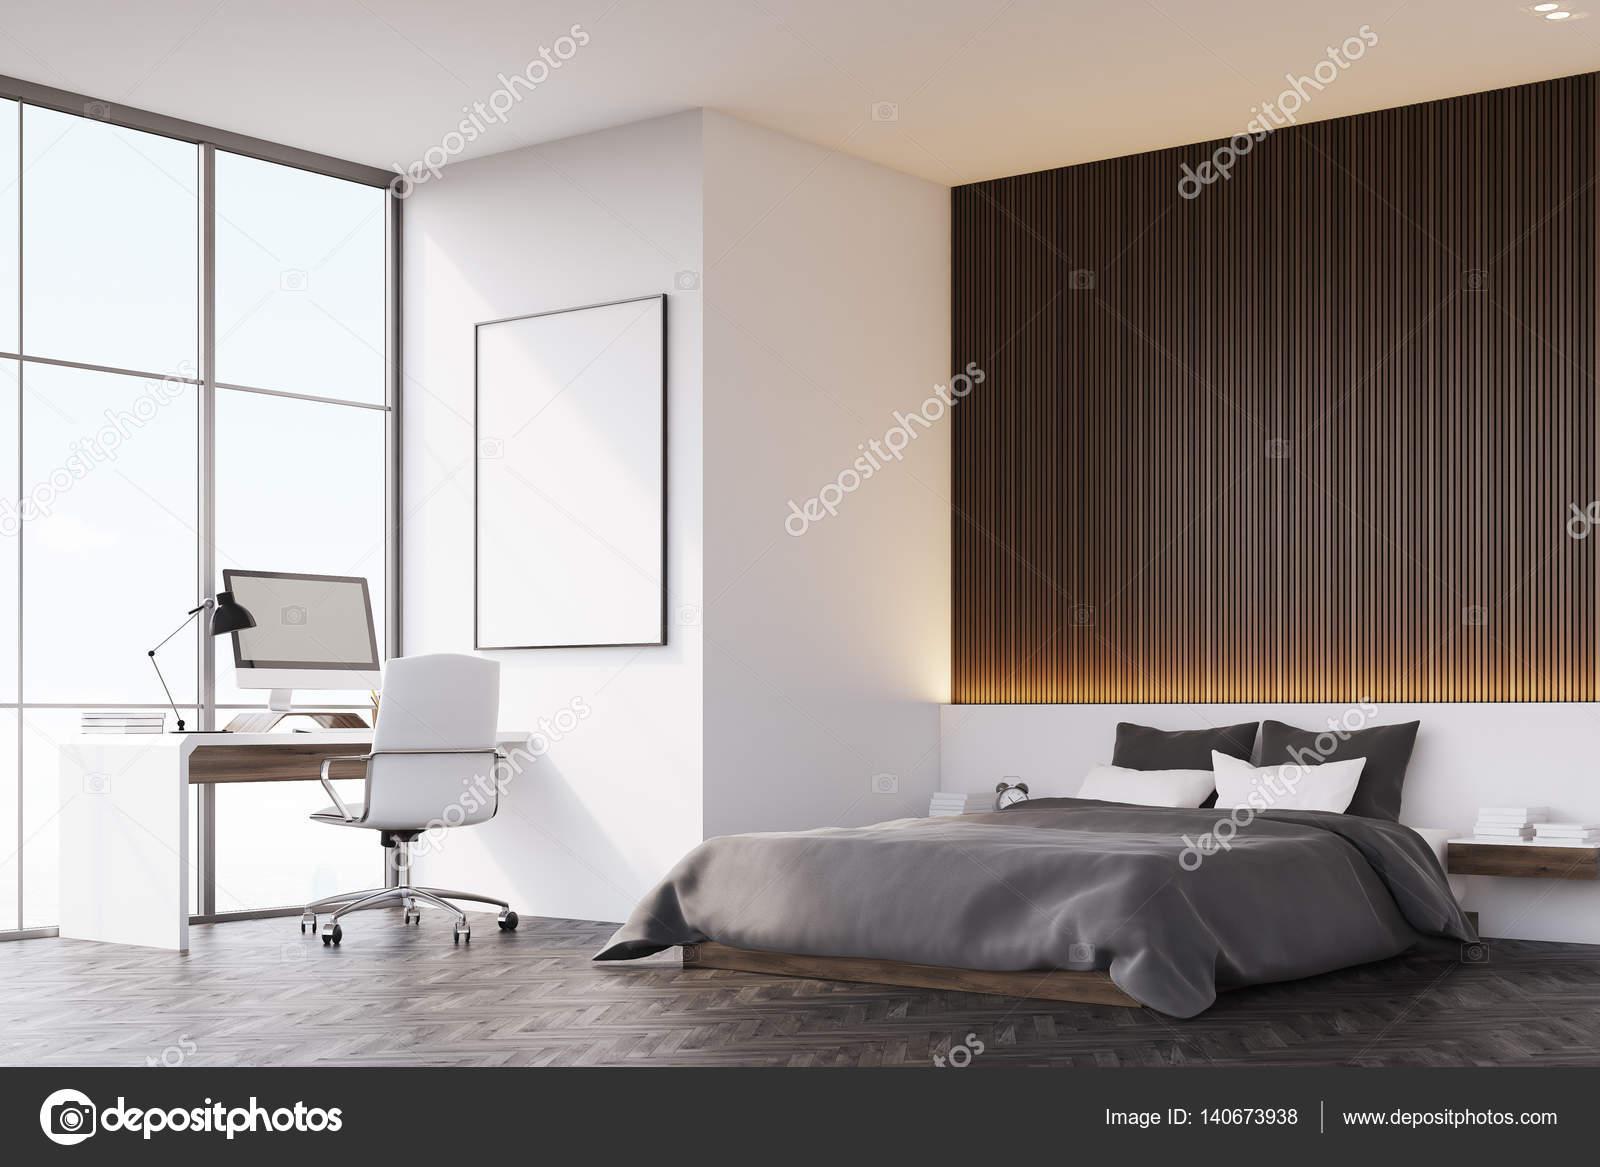 Schlafzimmer Mit Holzwand Und Tisch, Seitenansicht U2014 Stockfoto